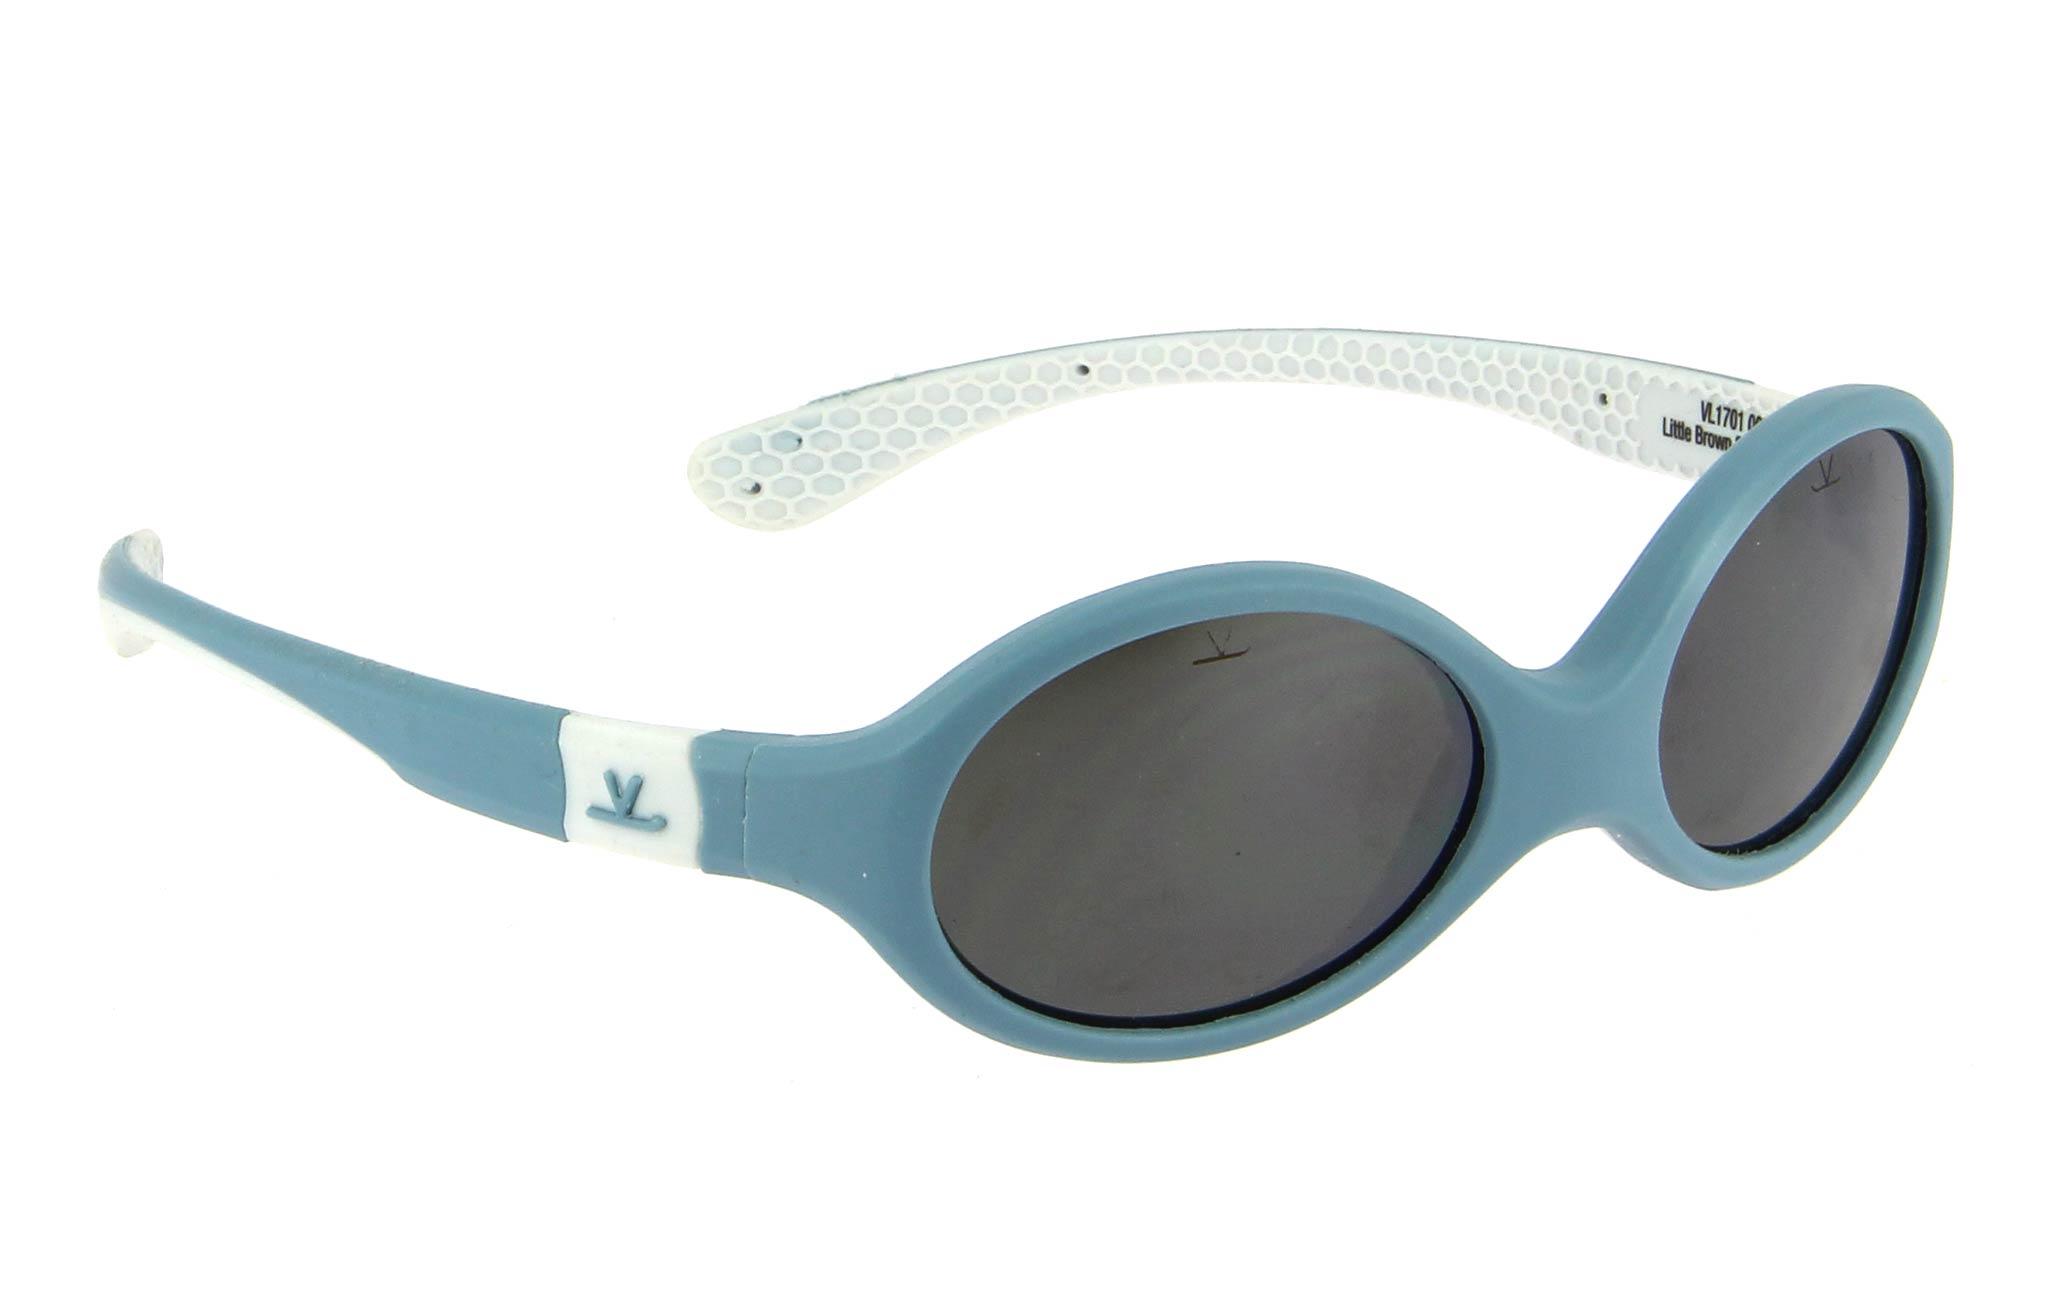 lunettes-de-soleil-enfant-vuarnet-vl17001-0003-bleu-ciel